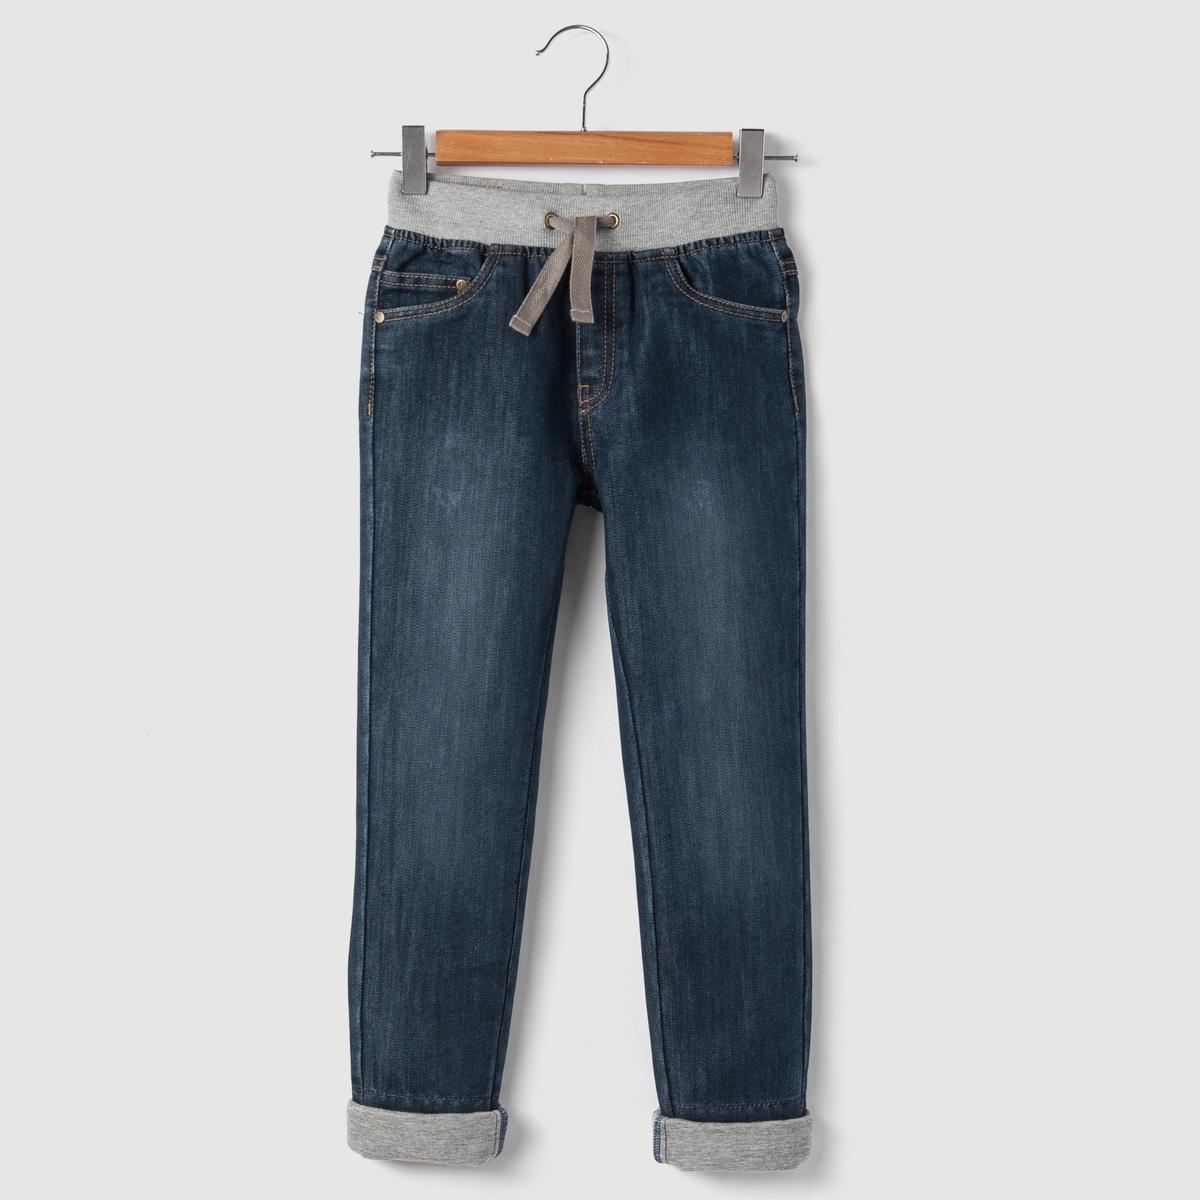 Джинсы без застежки, 3-12 лет джинсы бойфренд 3 14 лет